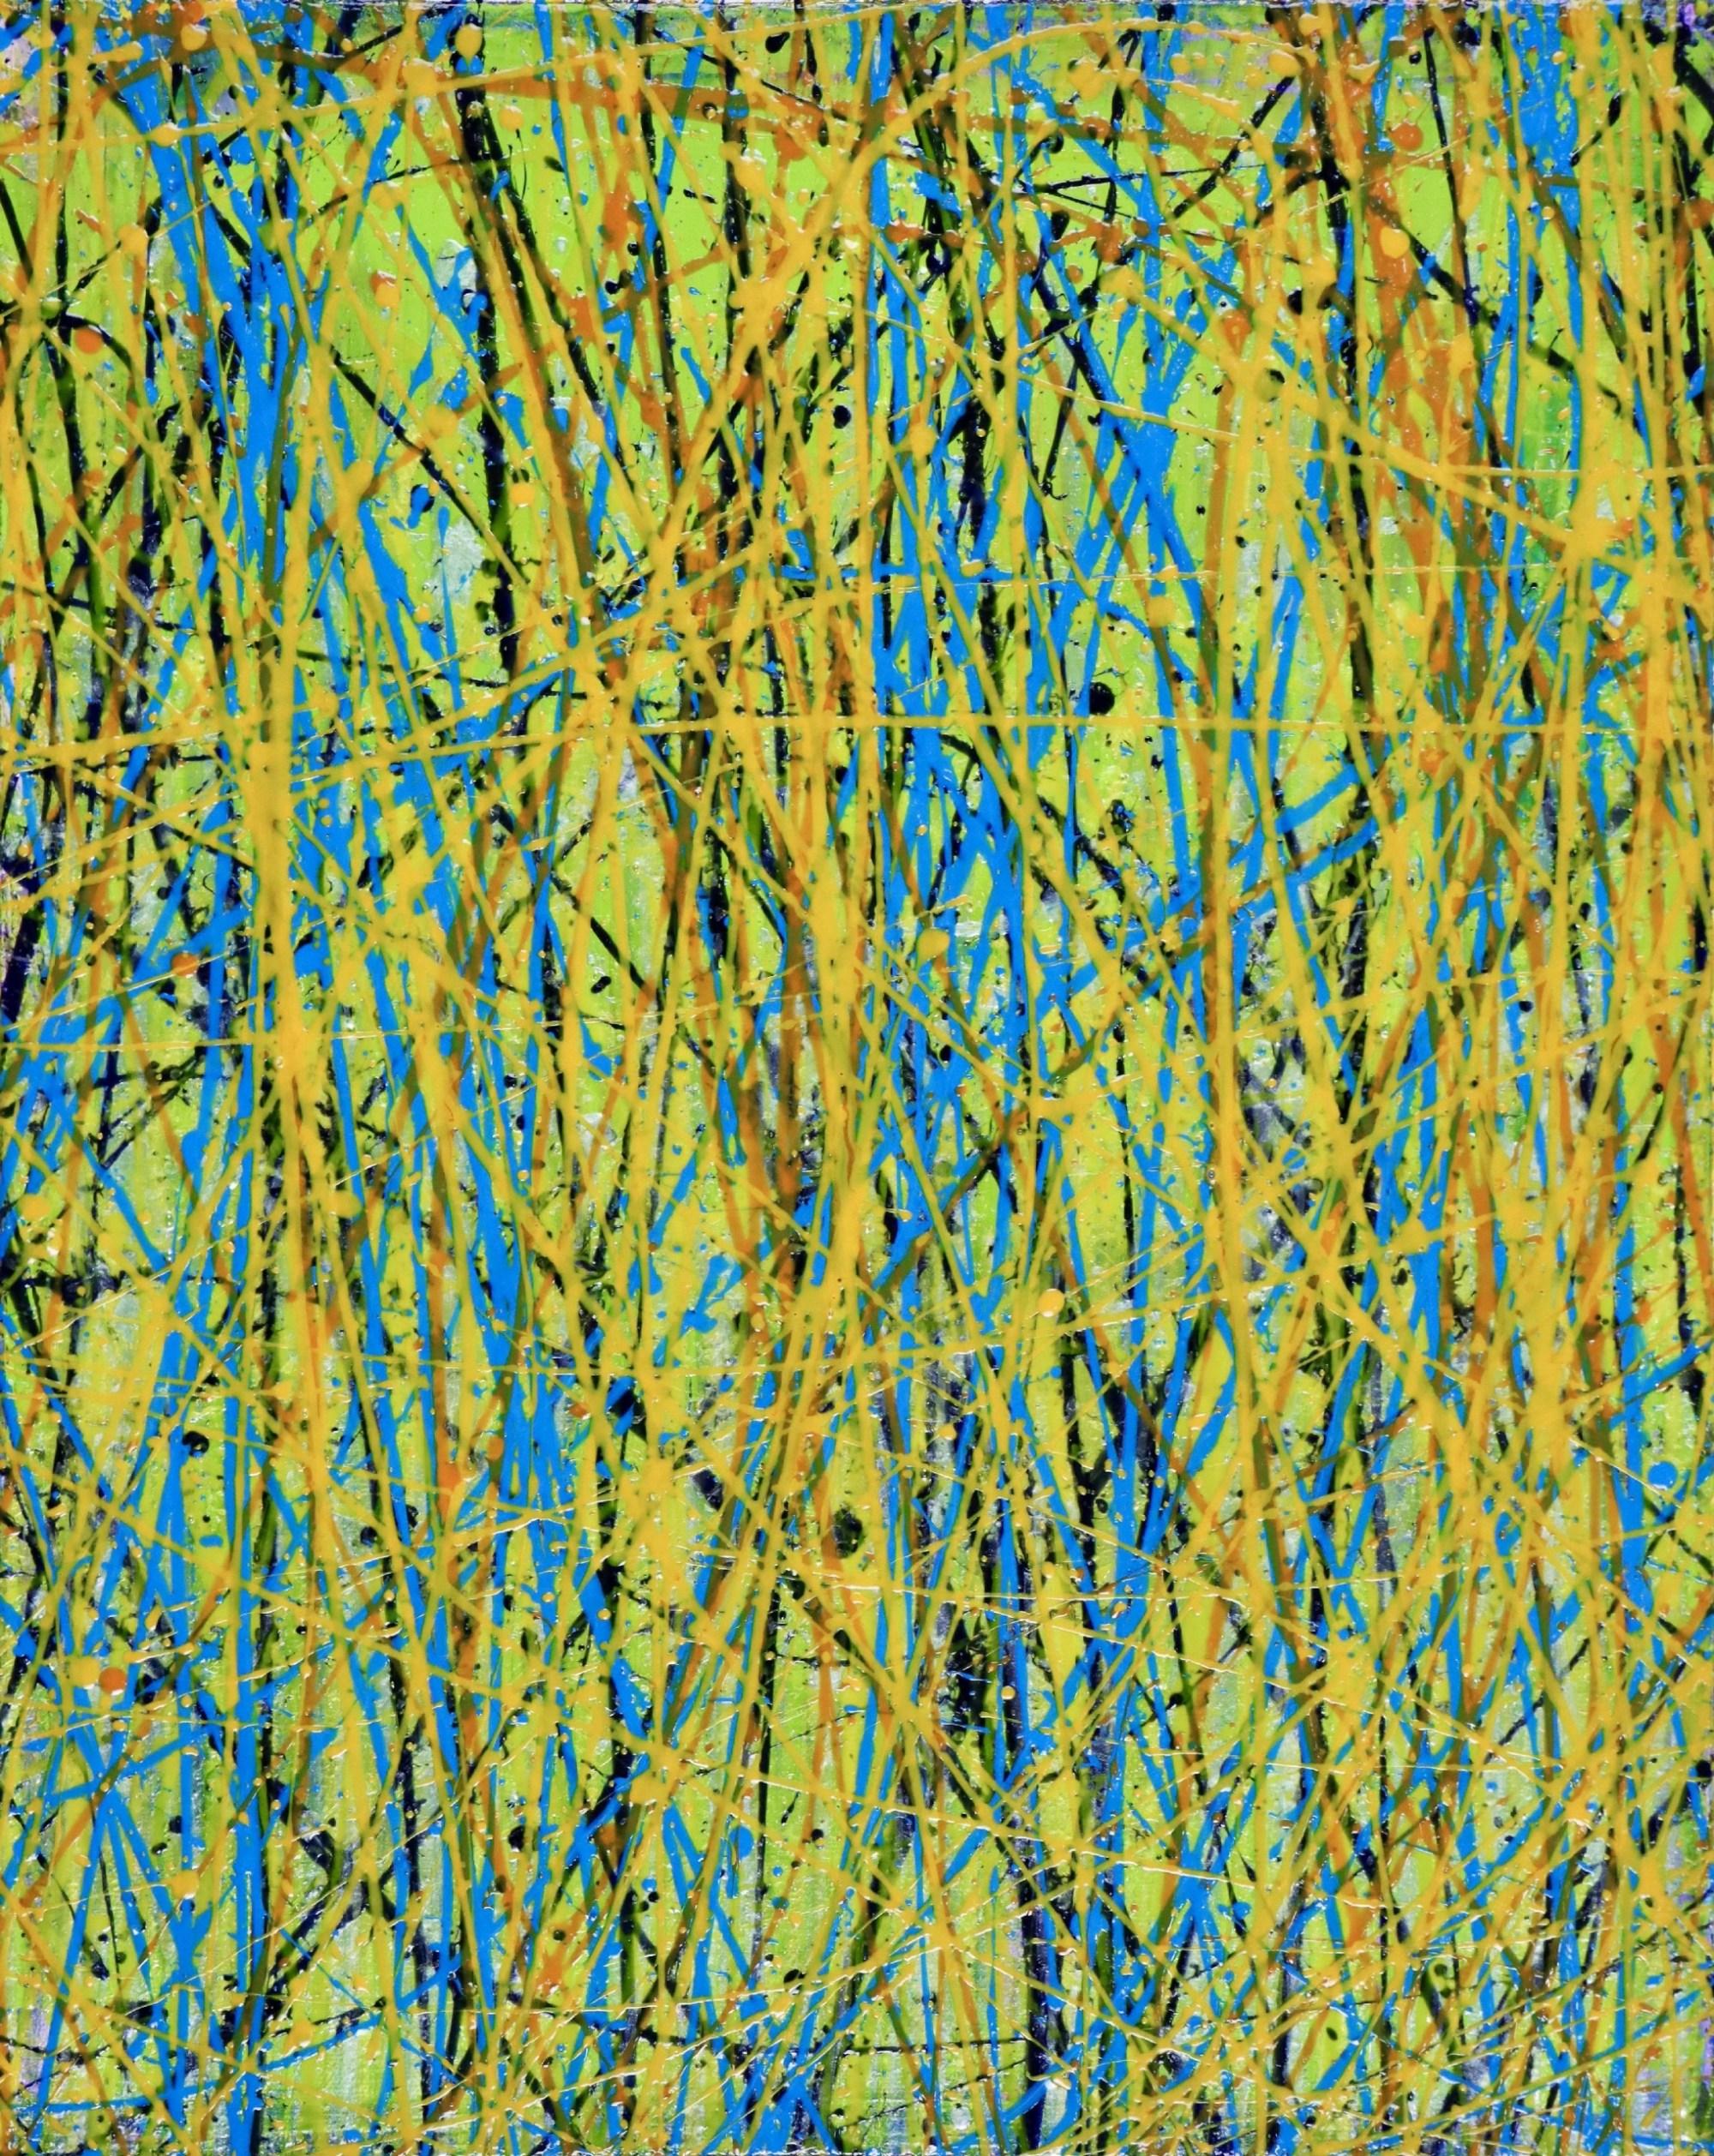 Secibd canvas - Close and Afar - Triptych (2020) by Nestor Toro